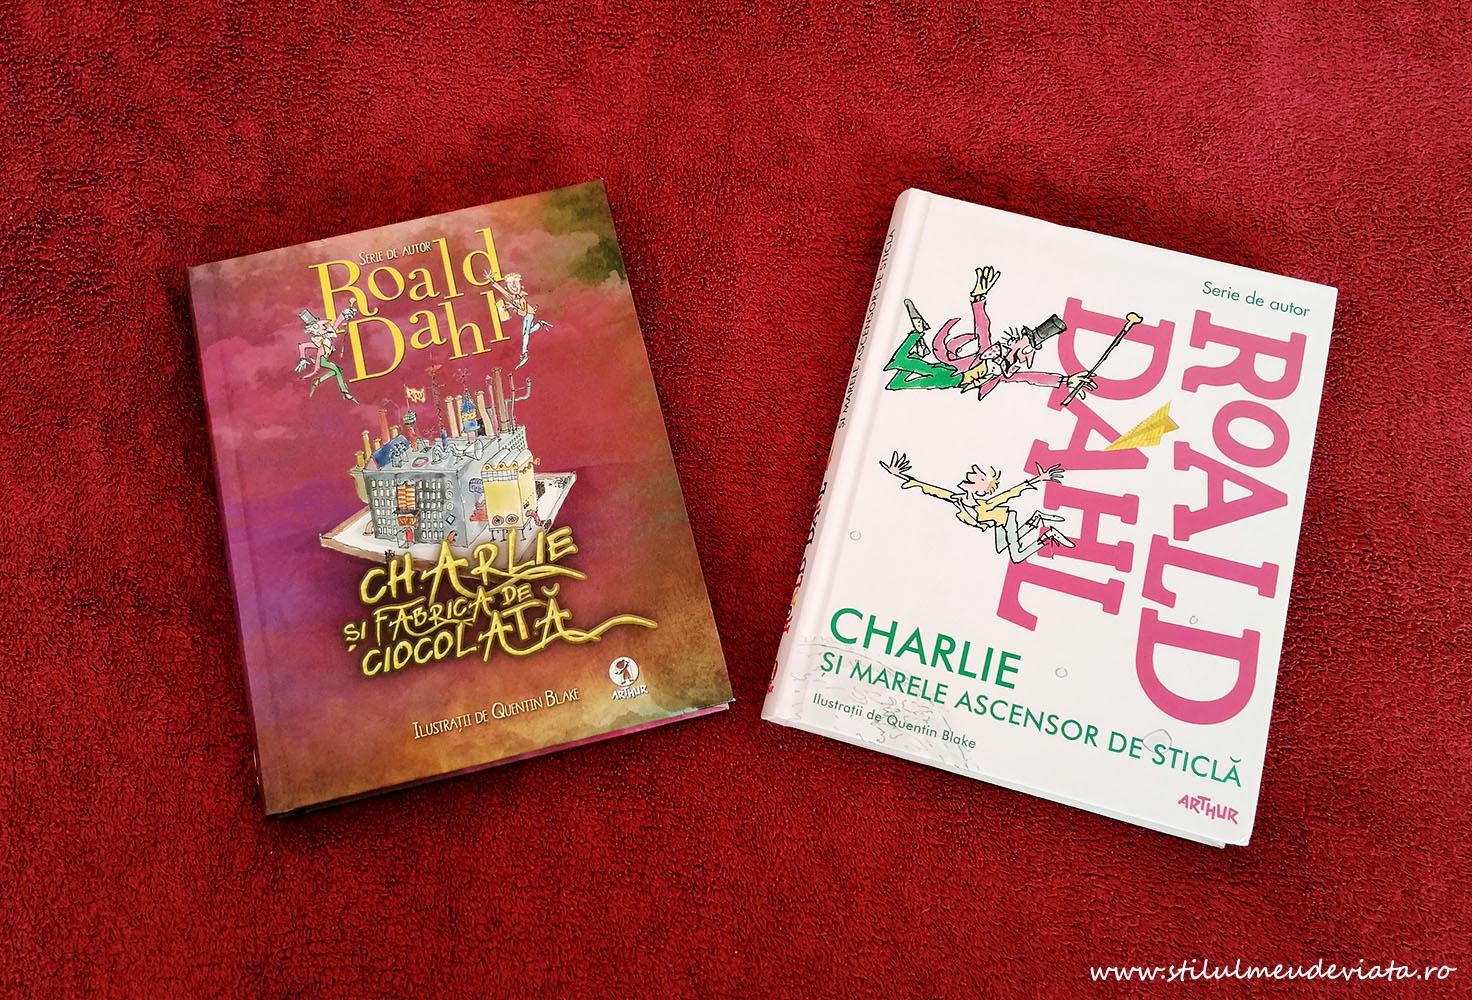 Cărțile cu Charlie, Roald Dahl